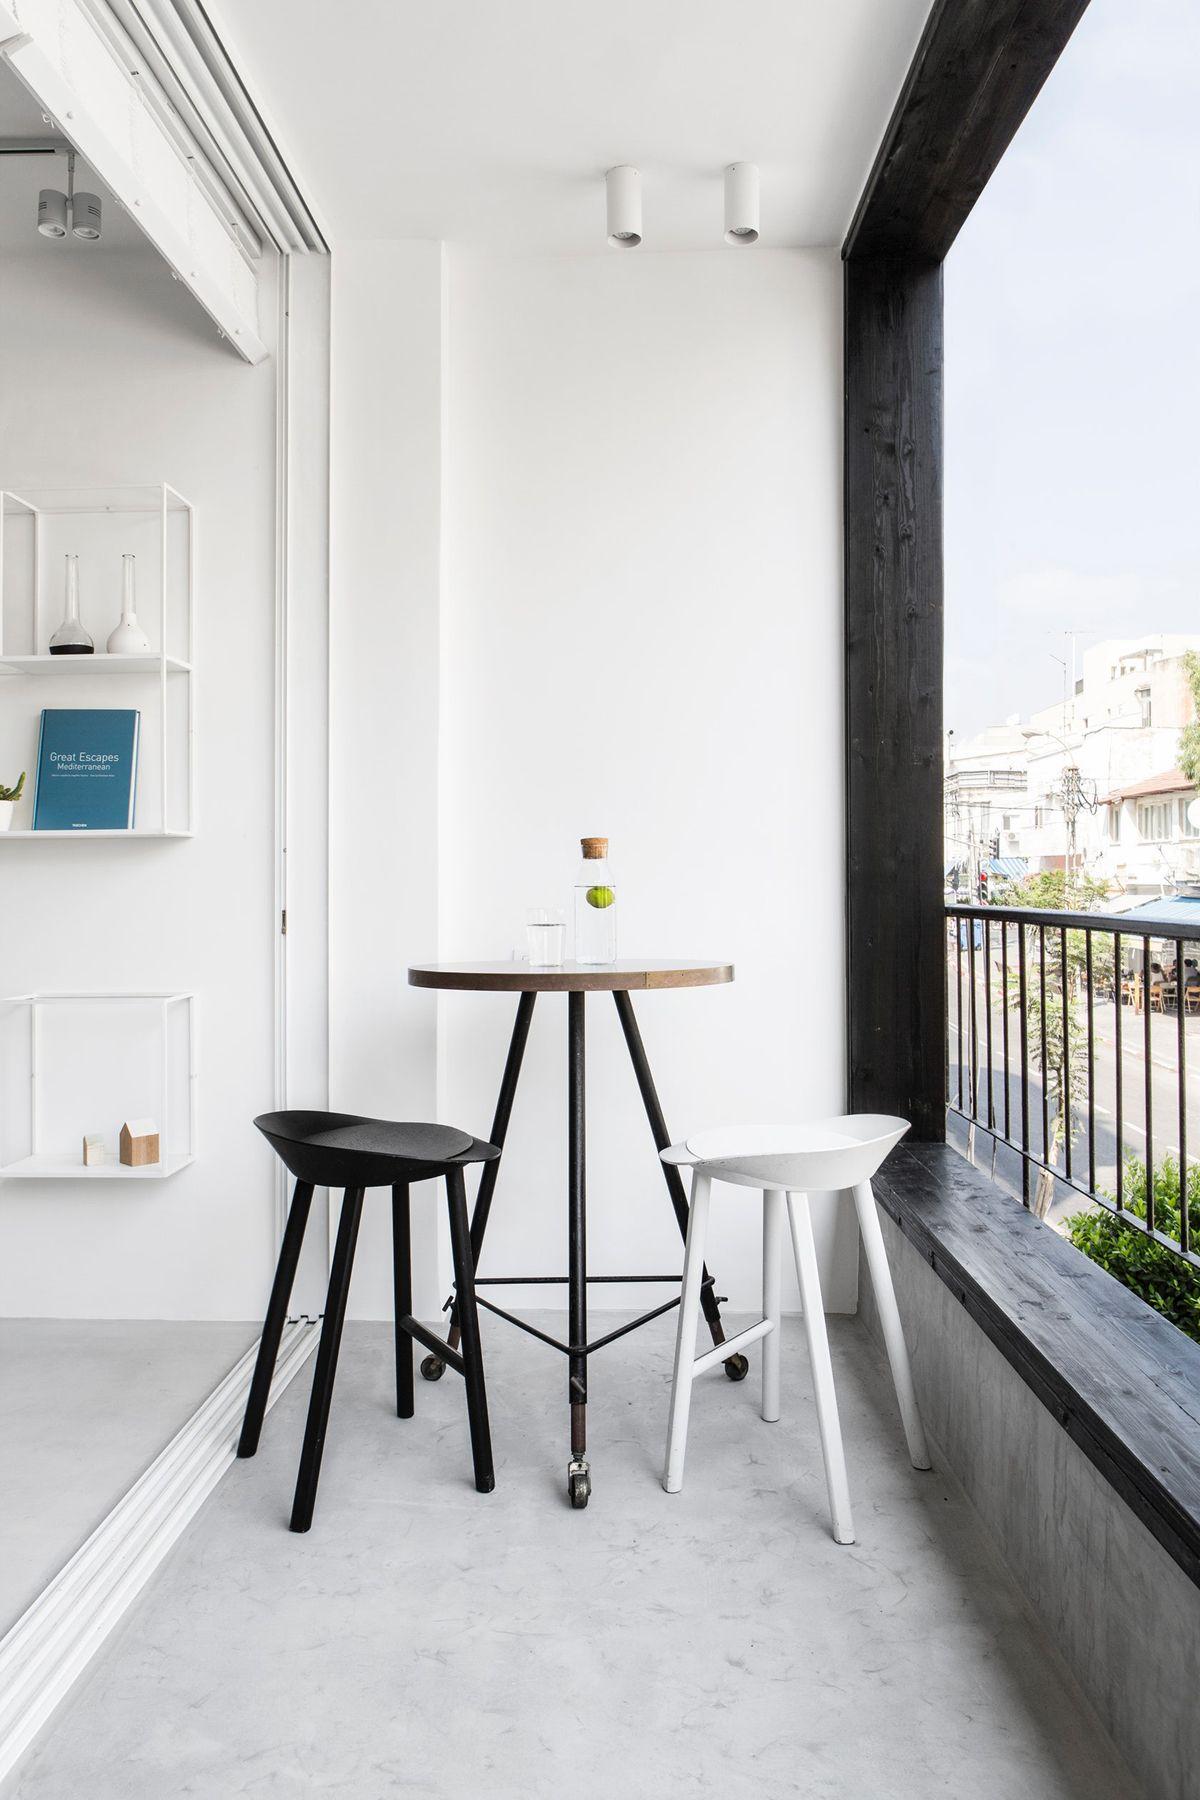 wohnung mit minimalistischem weisem interieur design new york, modernes minimalistisches wohnungs-innenarchitektur mit weißem und, Design ideen